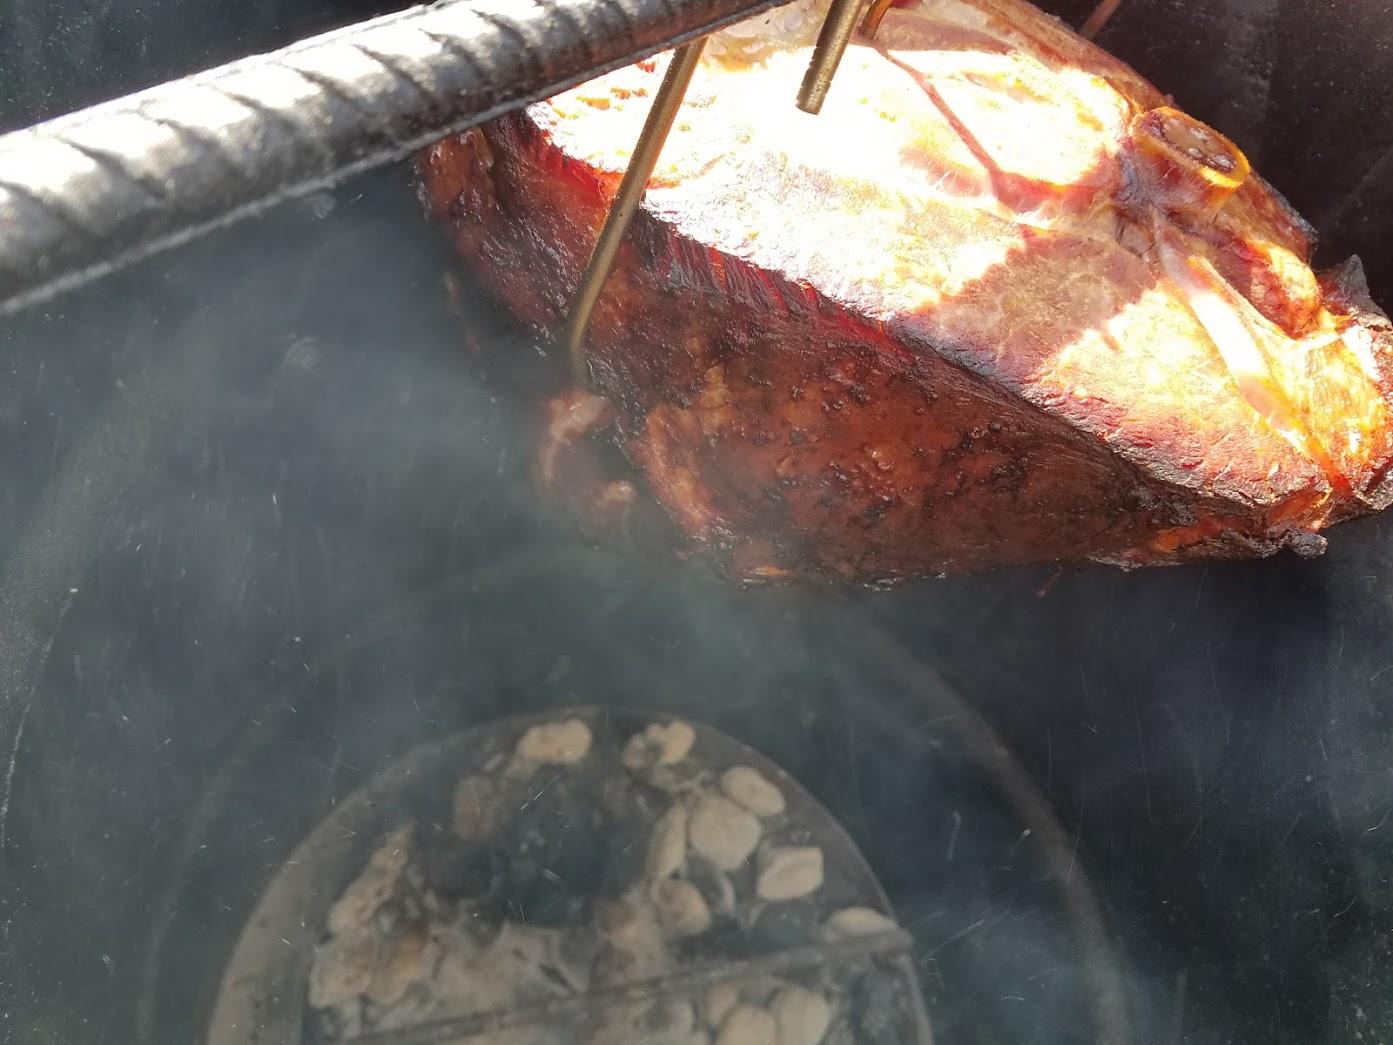 A Pit Barrel Cooker - Ham-tastic Easter